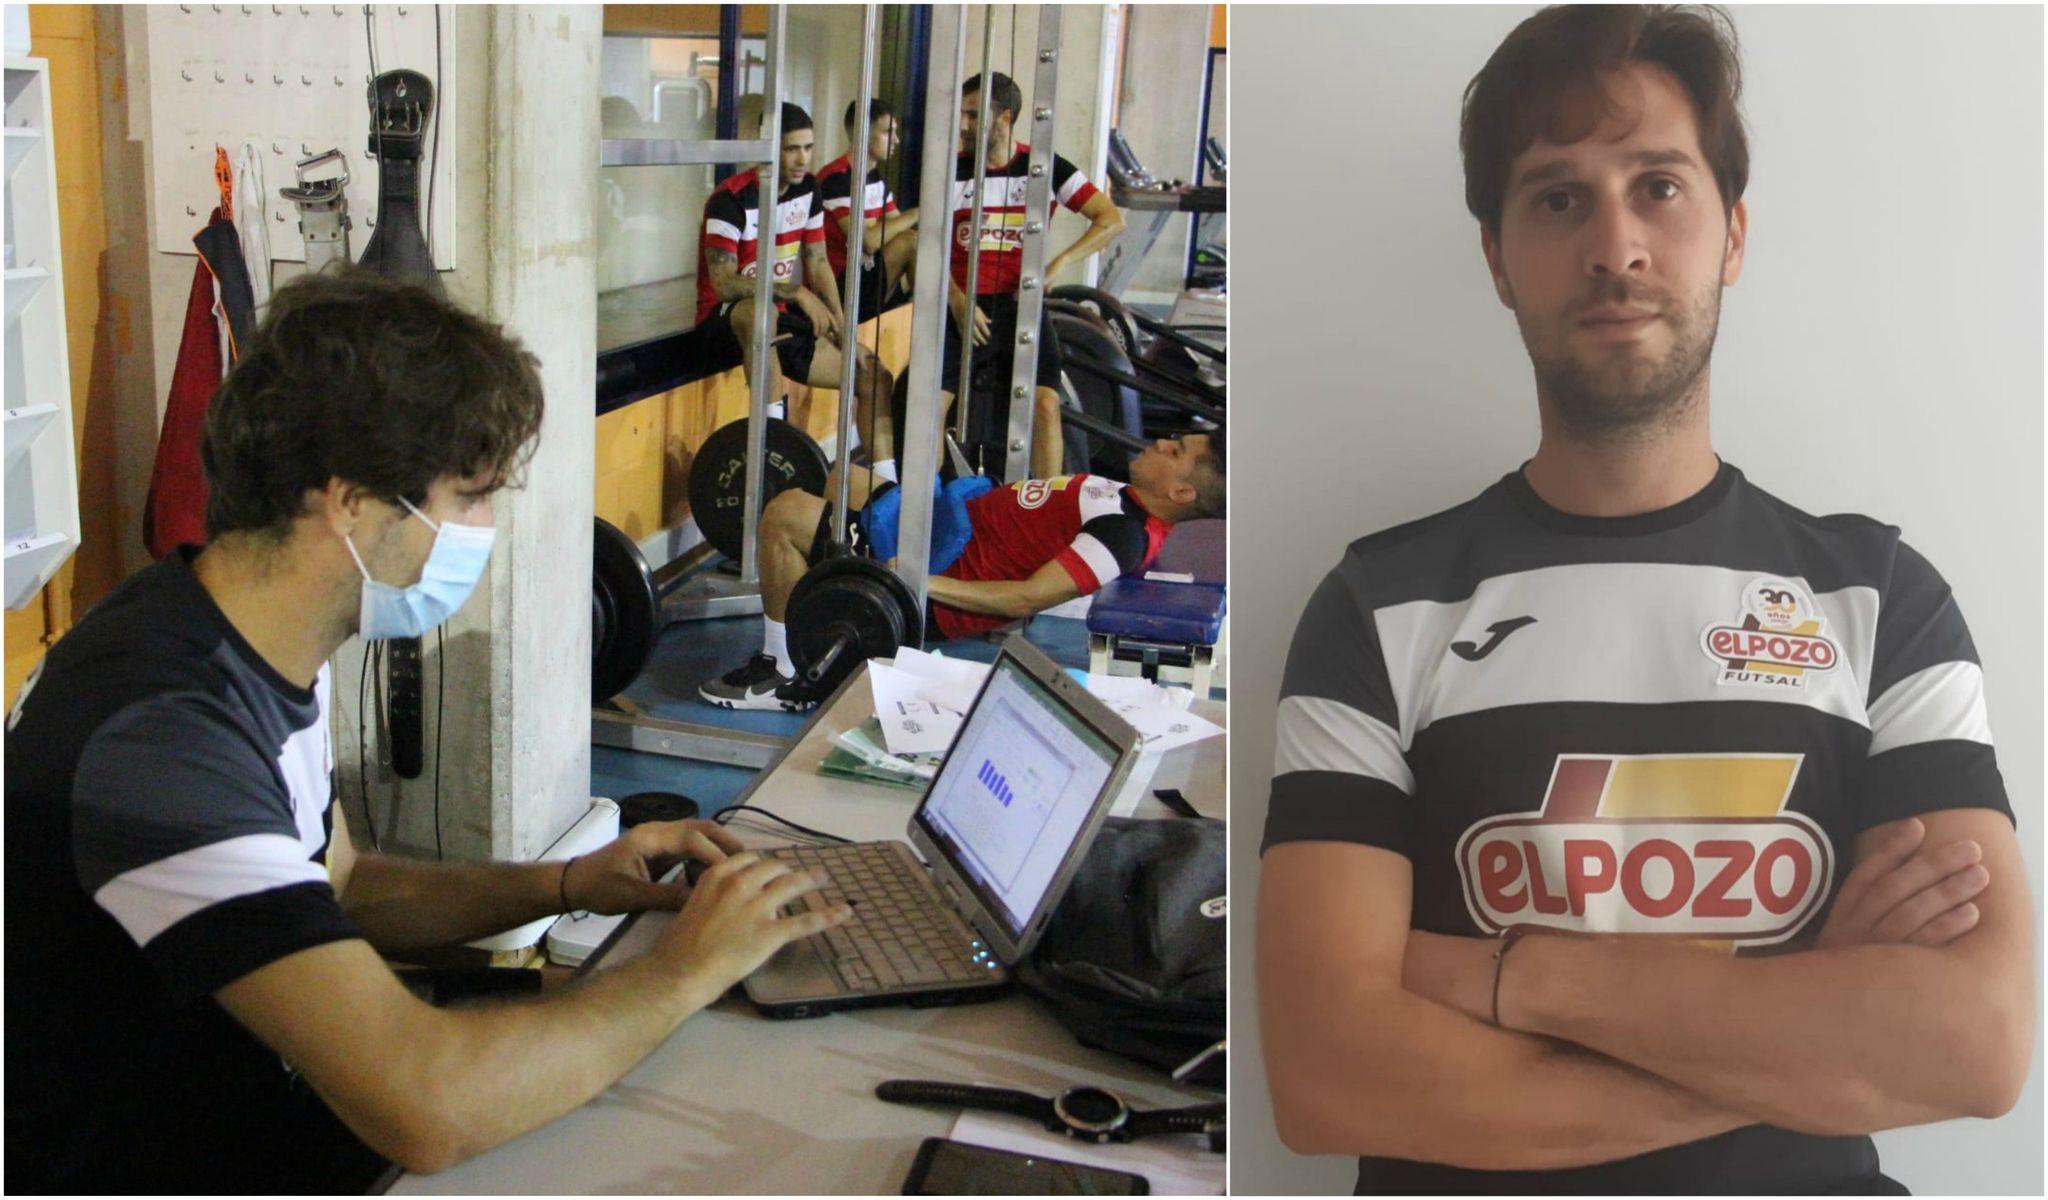 Η σημαντικότητα και ο σχεδιασμός της προπόνησης δύναμης κατά τη διάρκεια της αγωνιστικής περιόδου στο Futsal